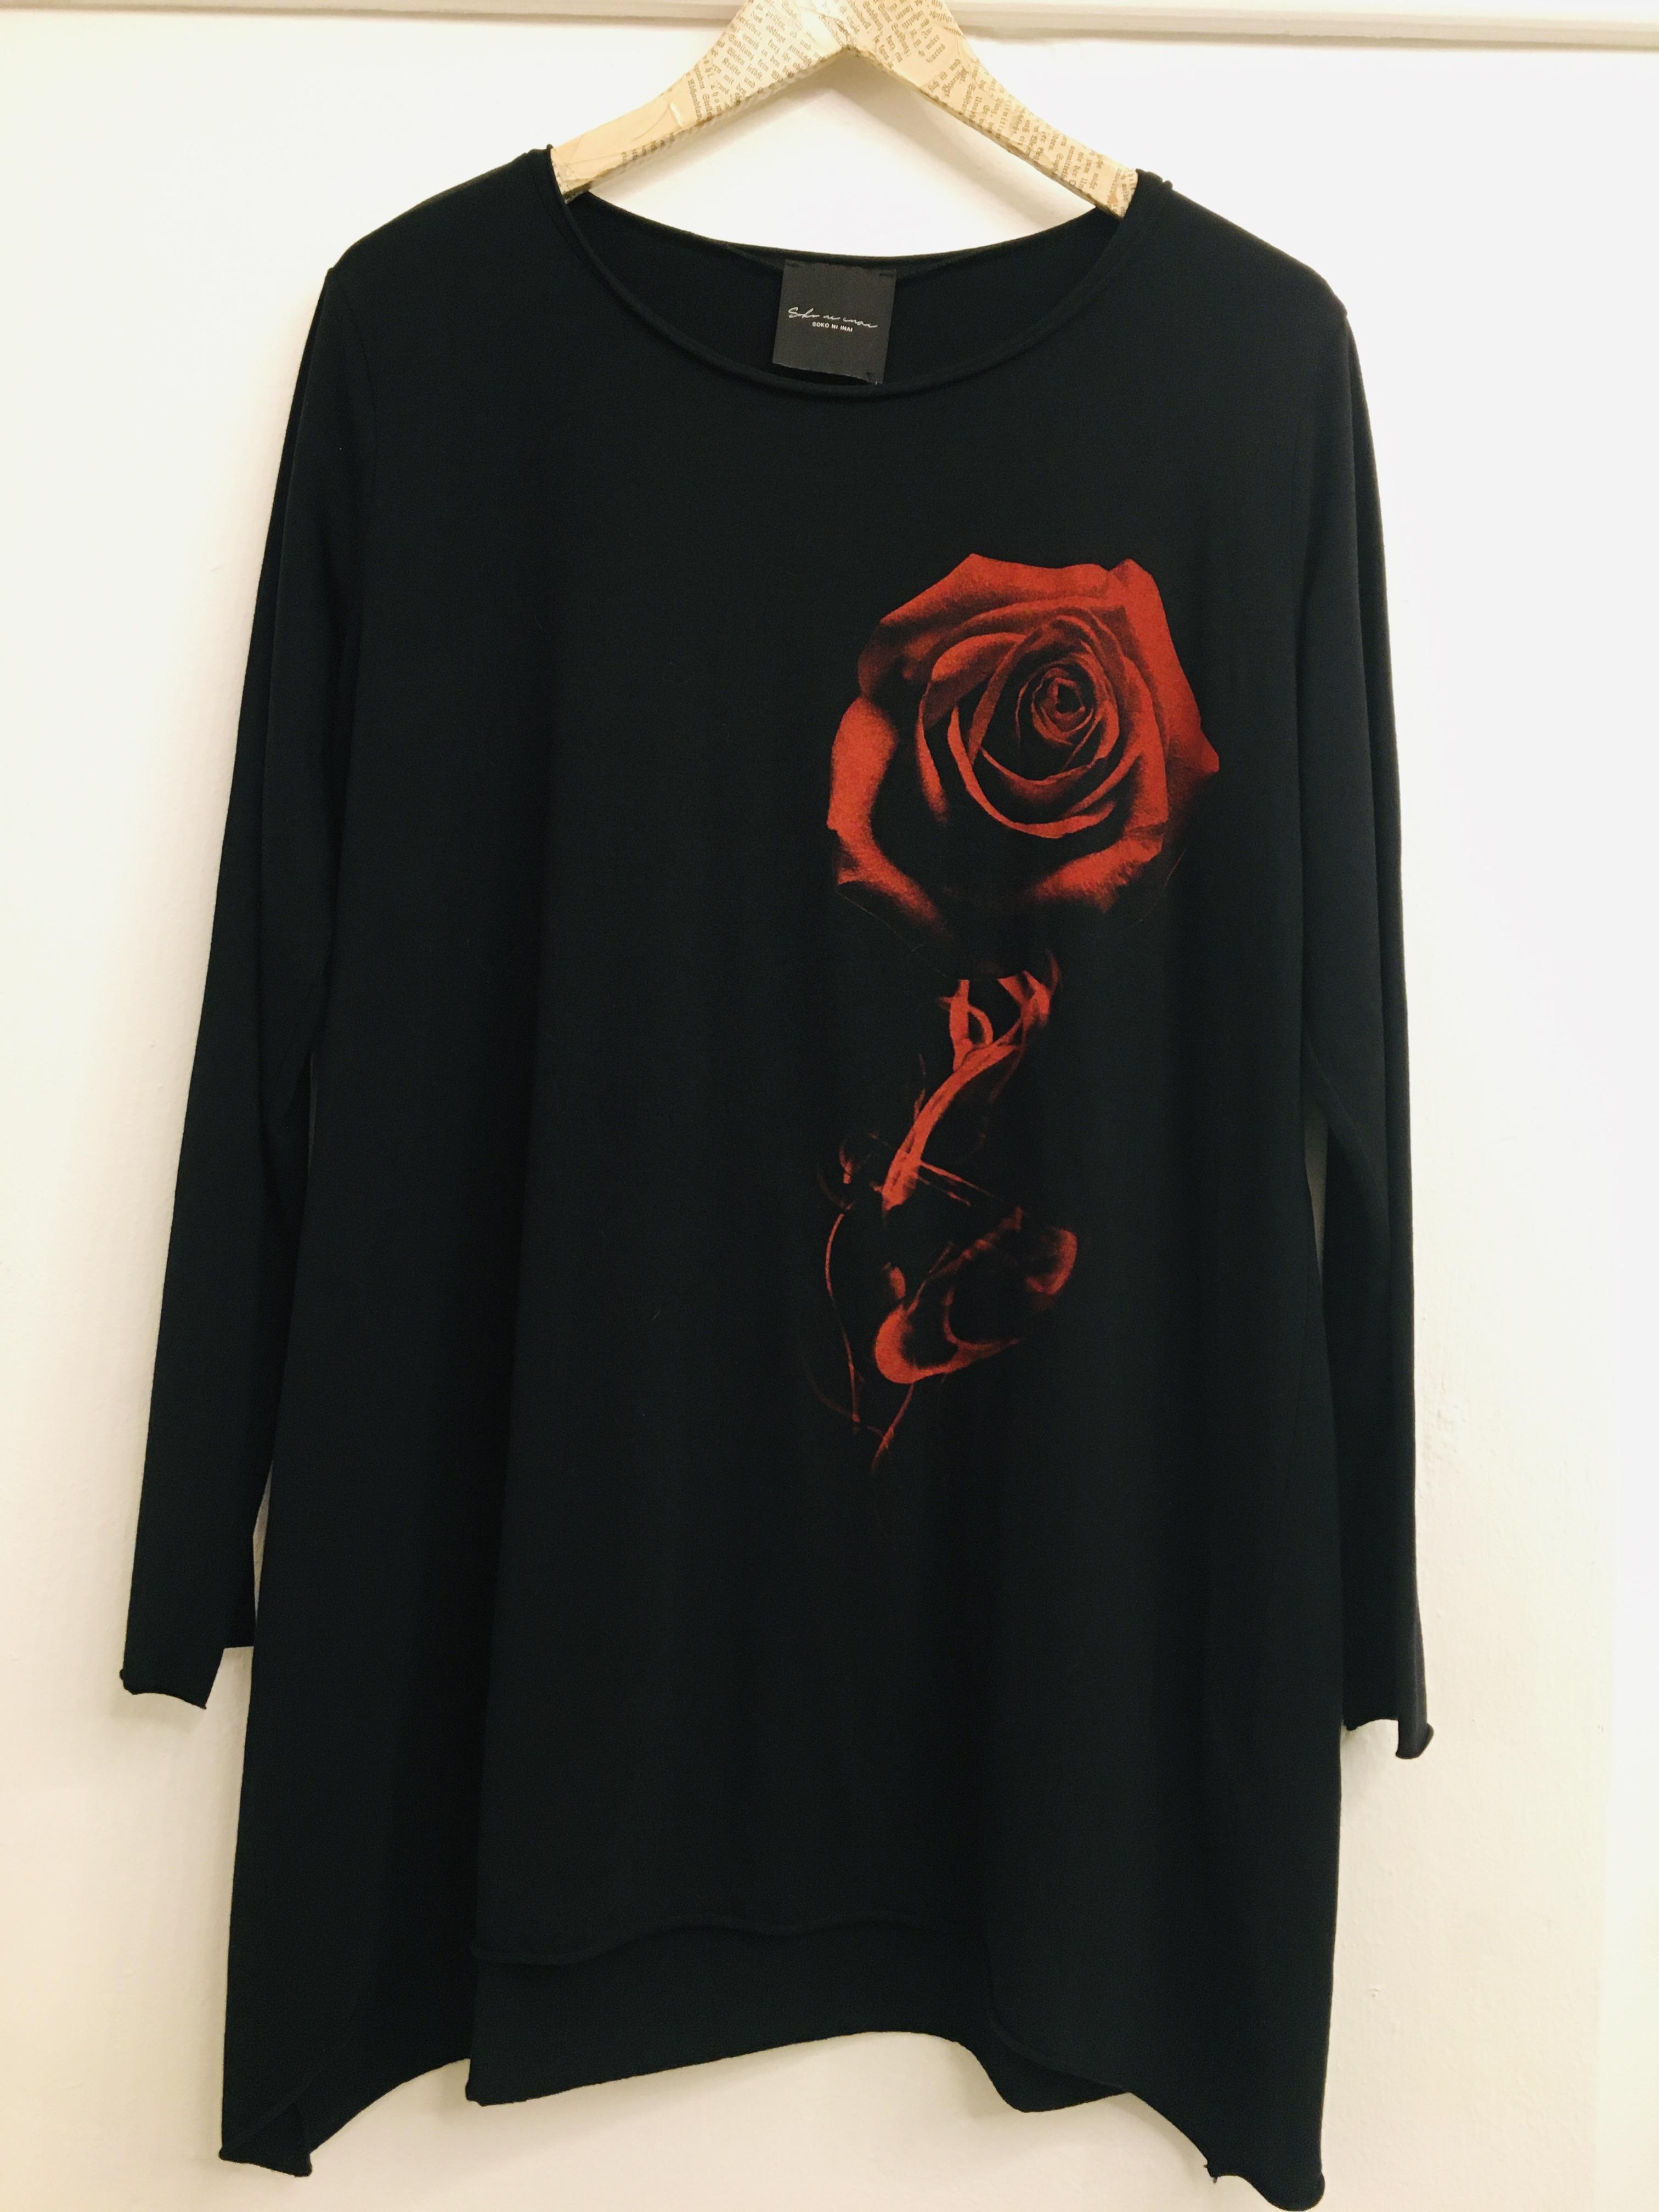 Maglia donna |nera con motivo fiore| in cotone| manica lunga| scollo tondo| made in italy